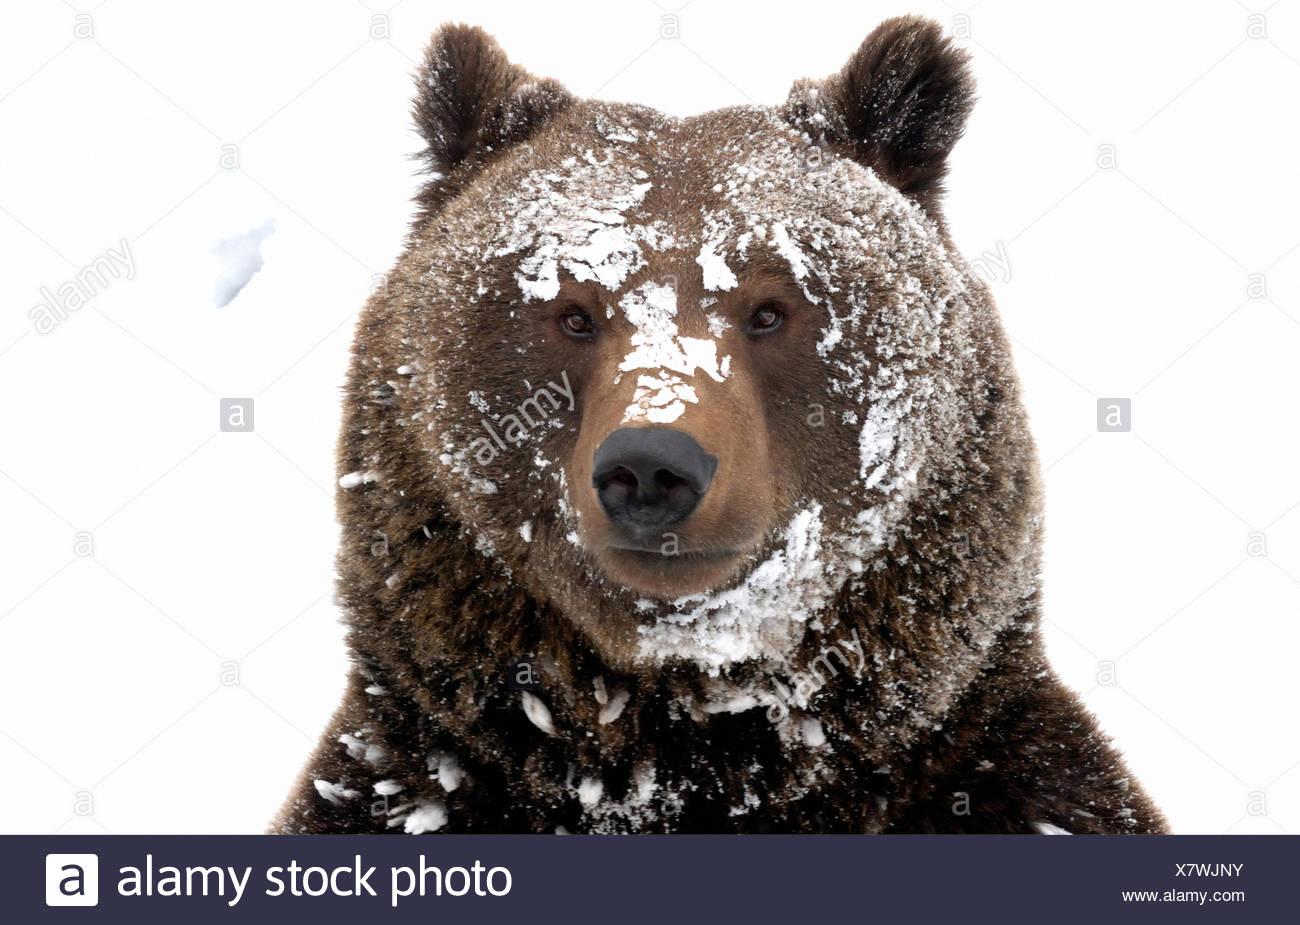 Oso Pardo oso Europeo Europeo depredador oso pardo Ursus arctos oso Ursus nieve del invierno invierno llevar furtivamente animal animales, Imagen De Stock